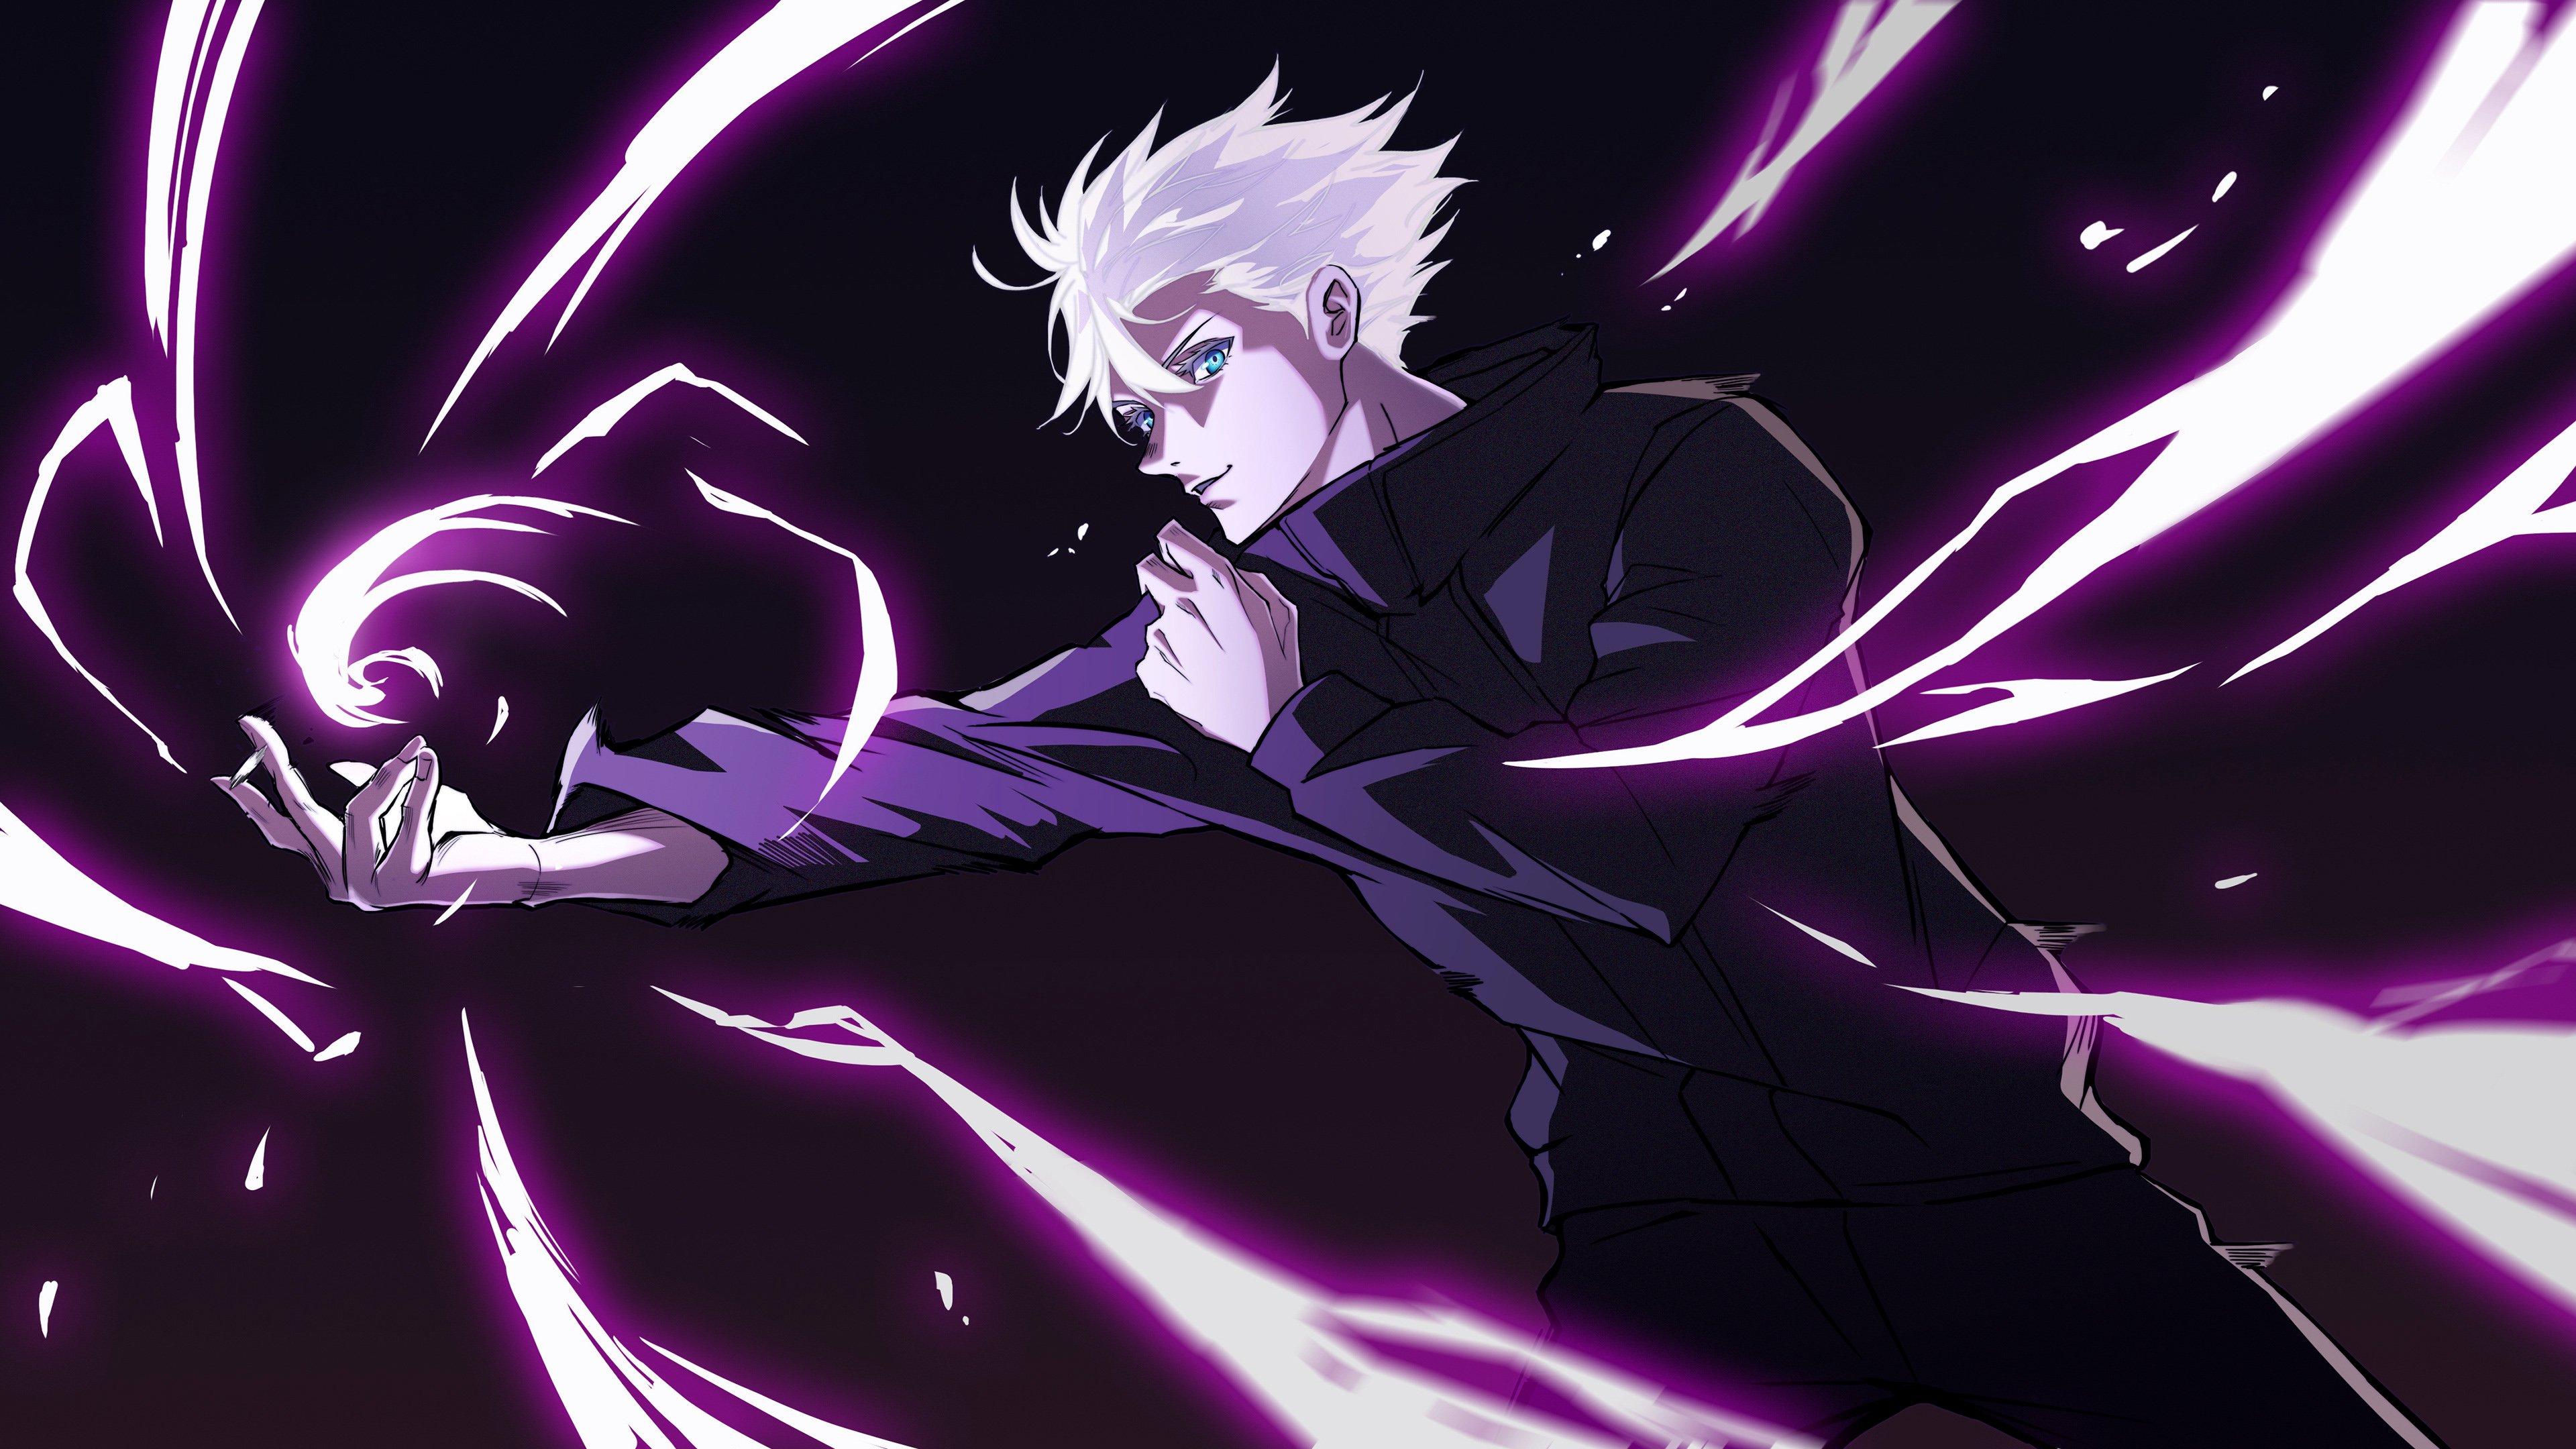 Anime Wallpaper Satoru Gojo Hollow Purple from Jujutsu Kaisen